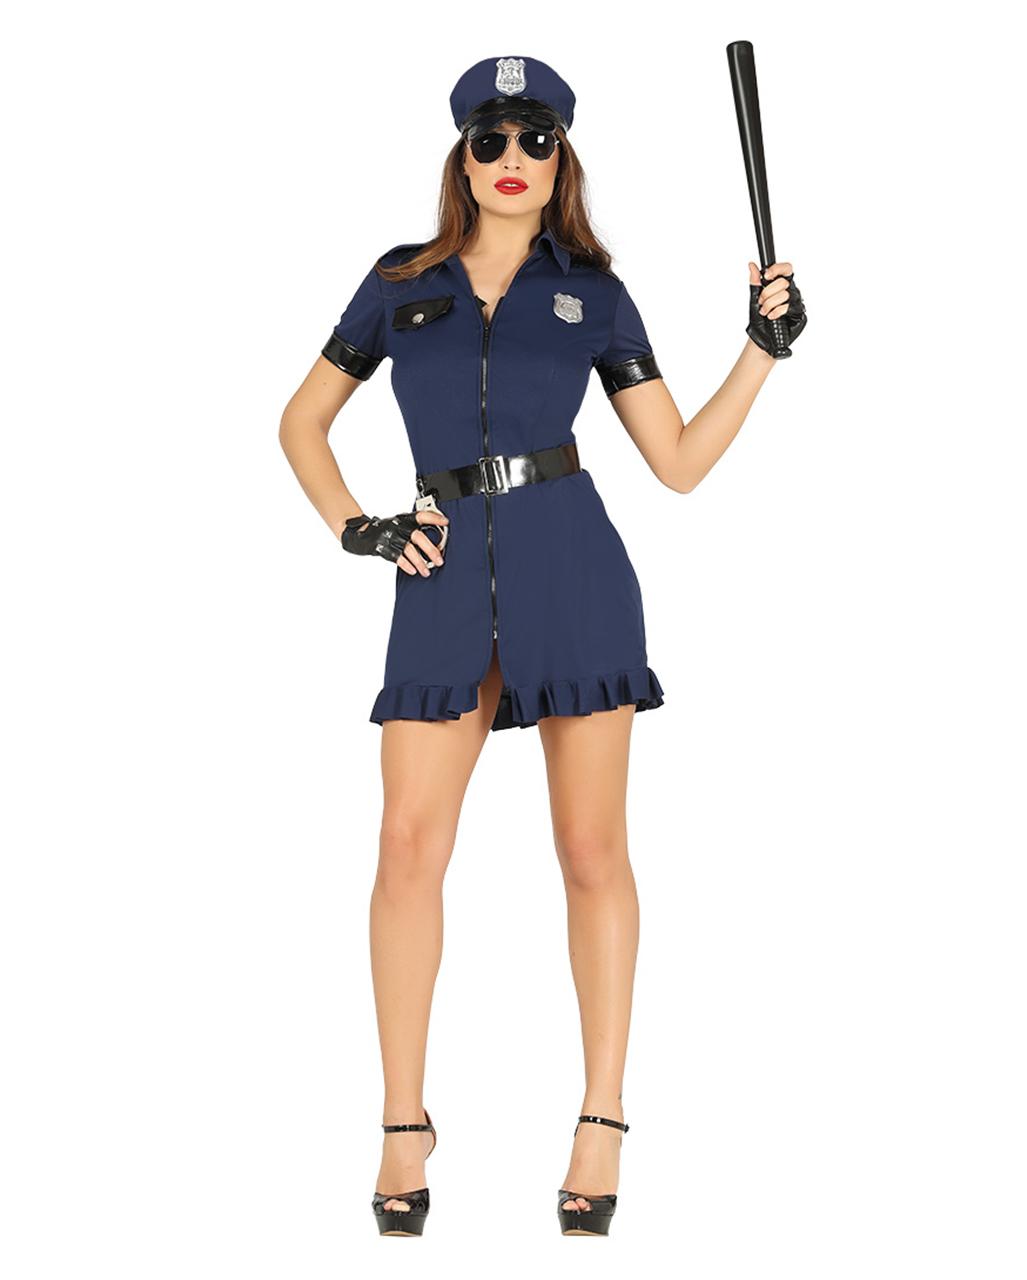 Schwarz Blaues Polizistin Kostum Bestellen Karneval Universe